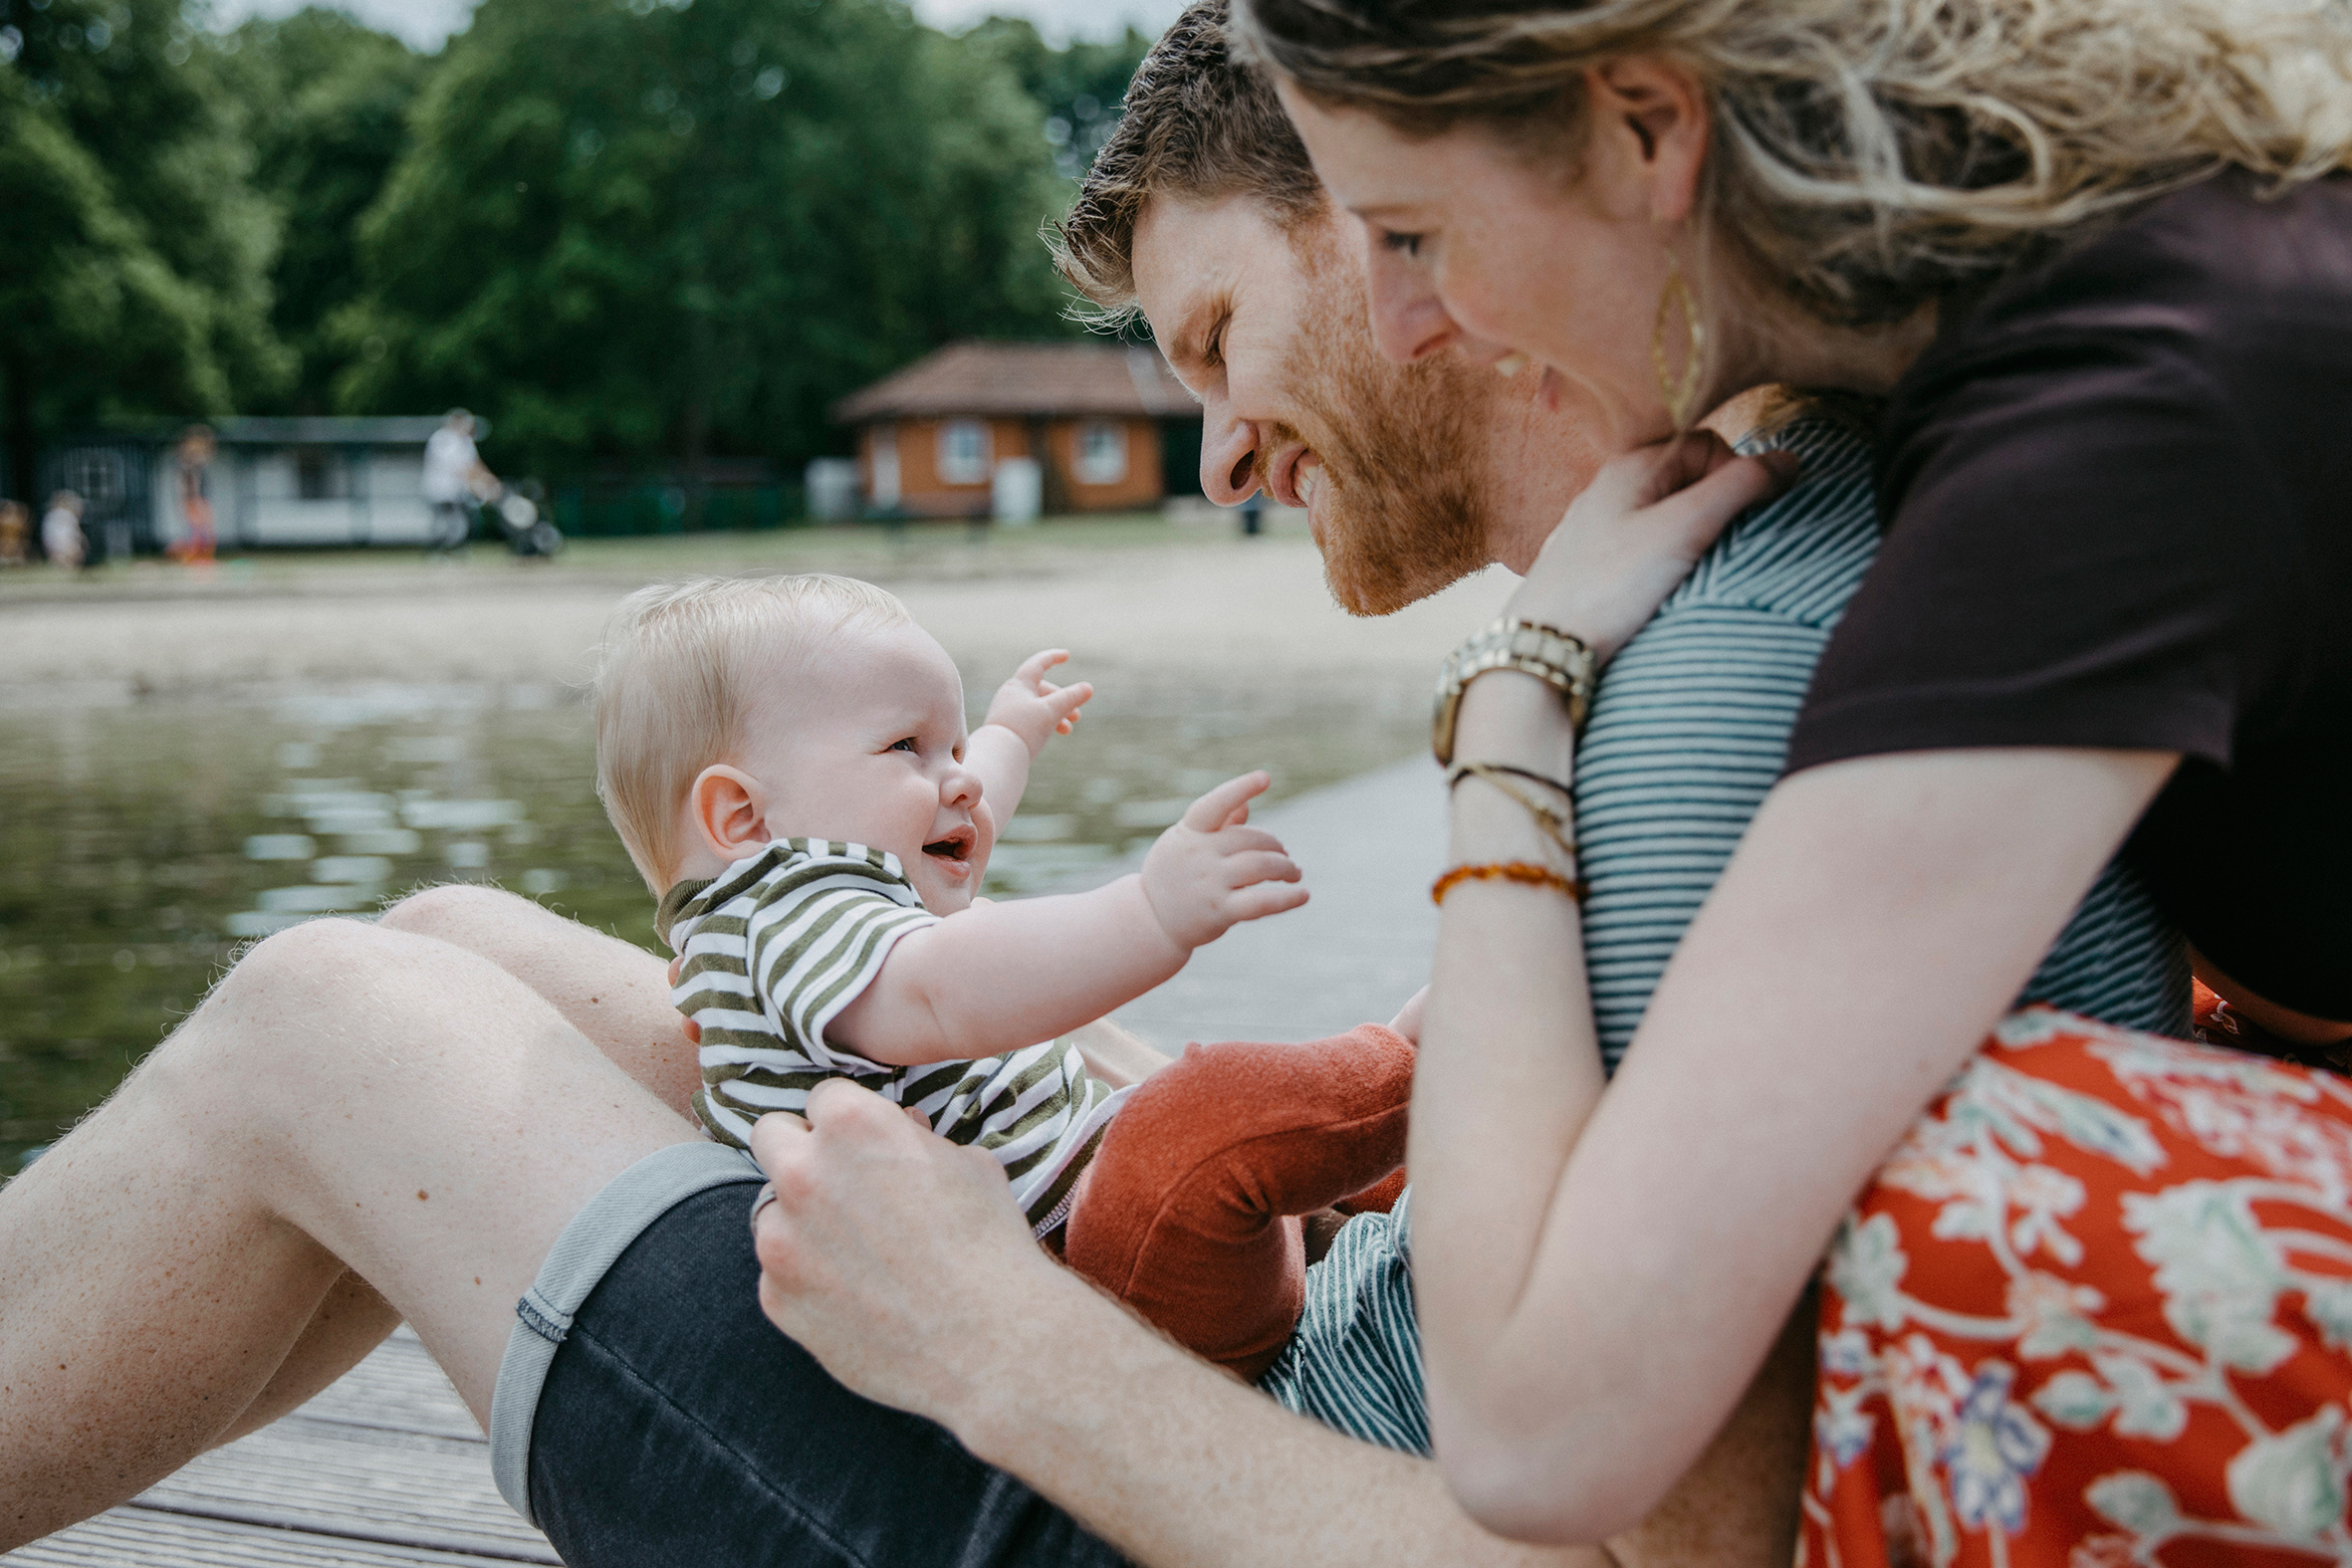 Familienfotos_Familienshooting_Schaalsee_G7